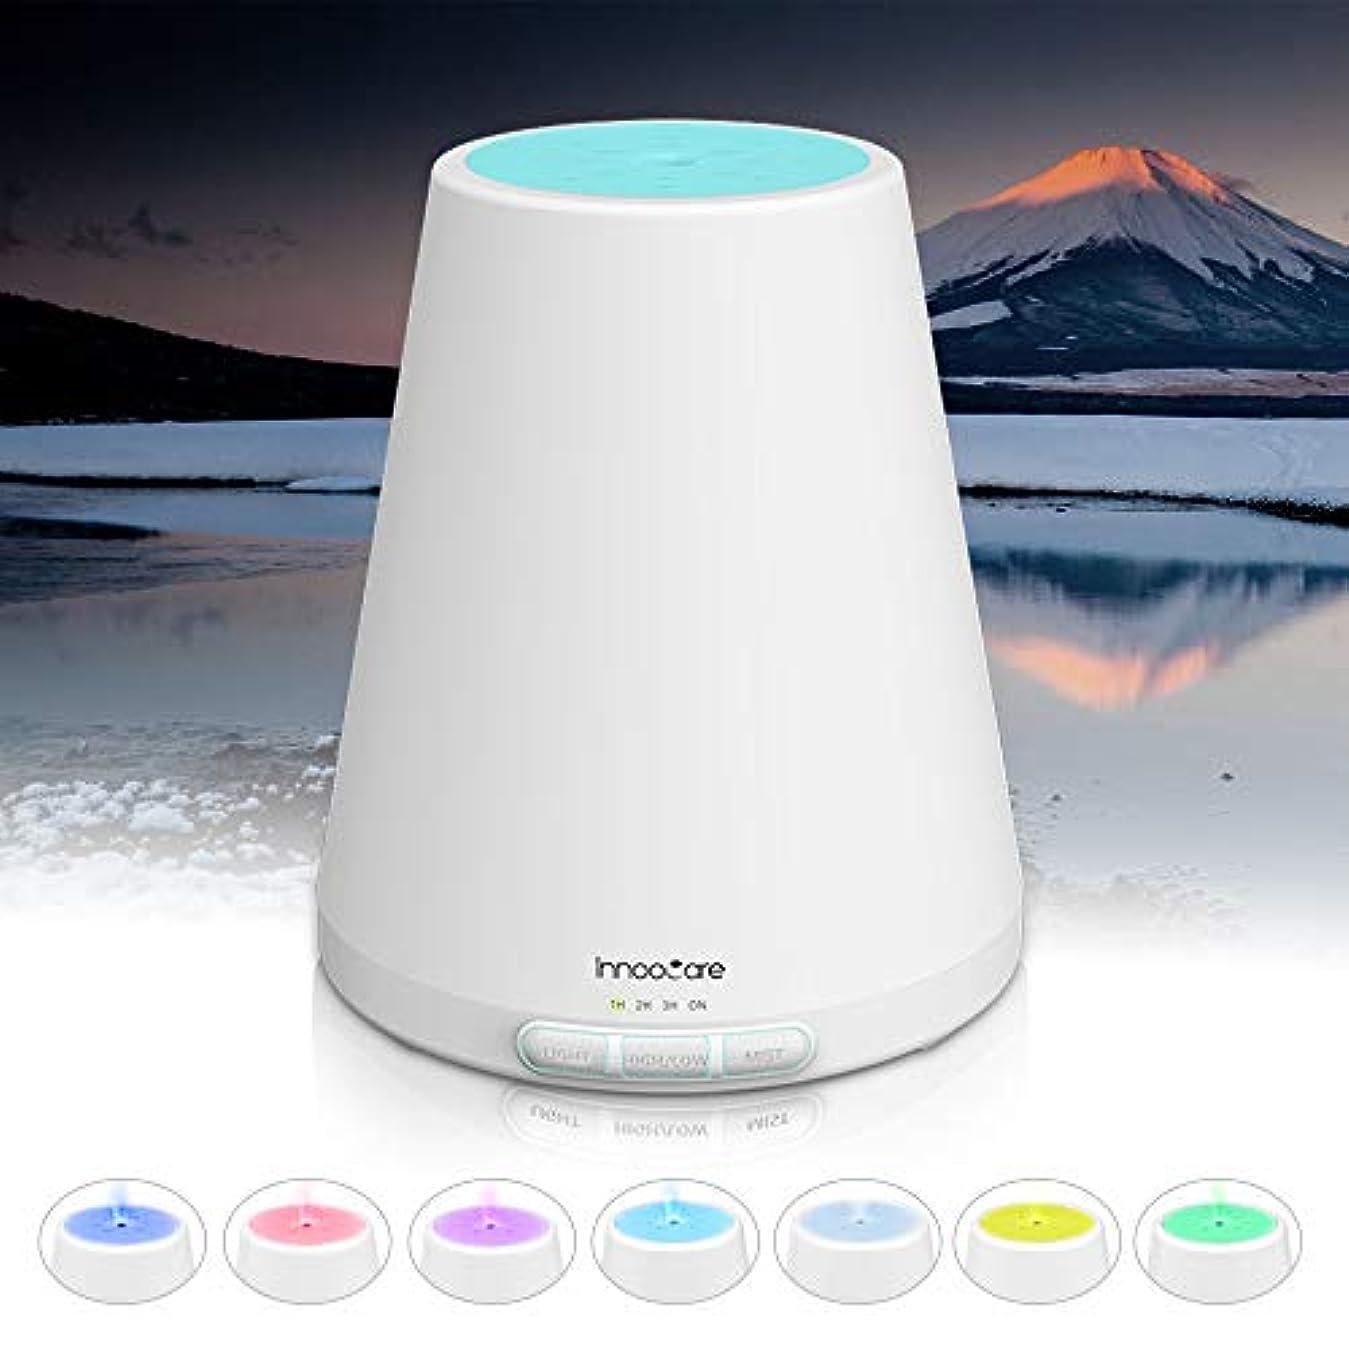 精神ヒープうまアロマディフューザー 300ml, ディフューザー アロマ加湿器, アロマでぃふゅーざー超音波 空気清浄機 7色変換LED